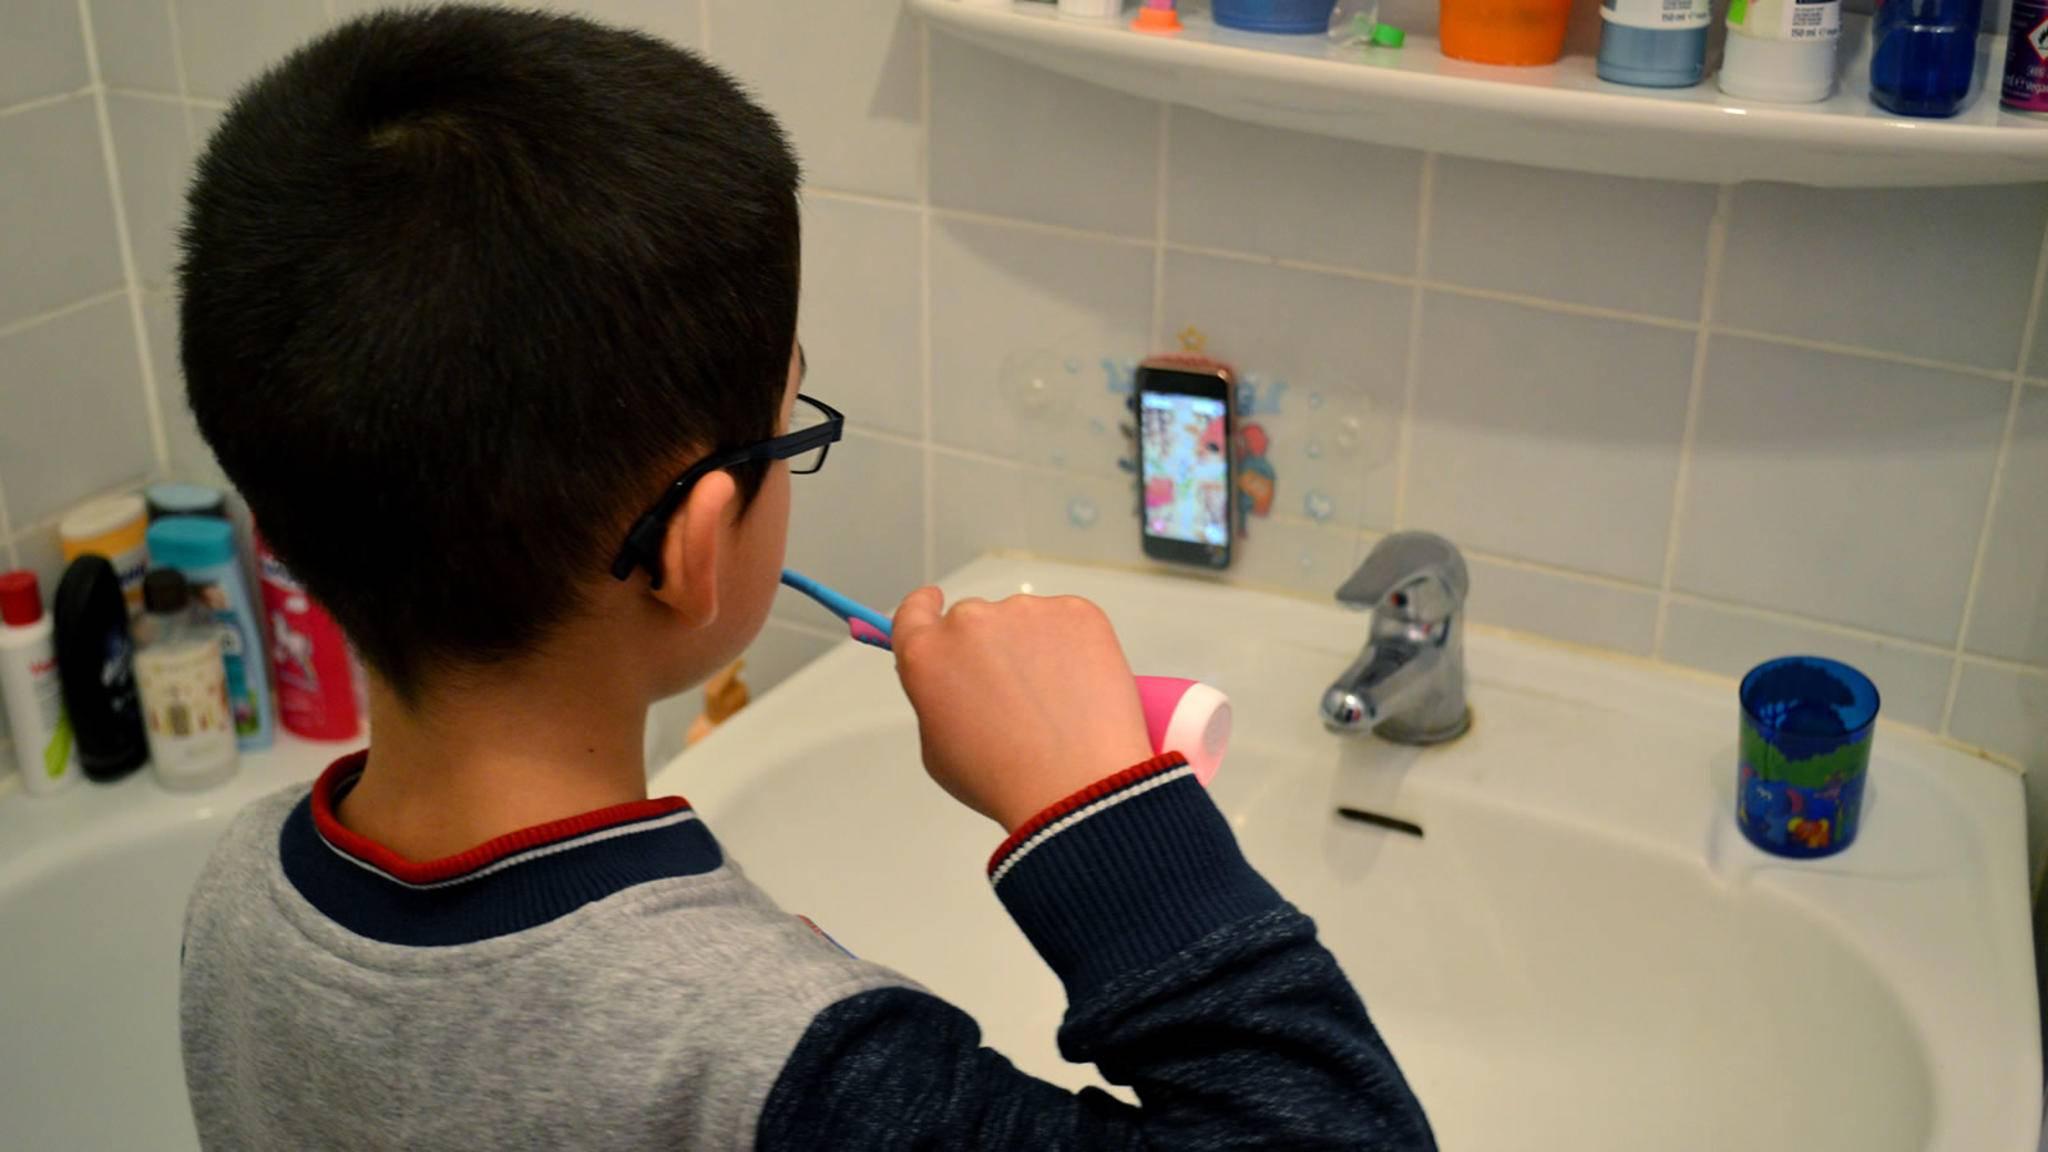 Für mehr Tablet-Sicherheit hält Playbrush auch eine extra Saugnapf-Tasche bereit.